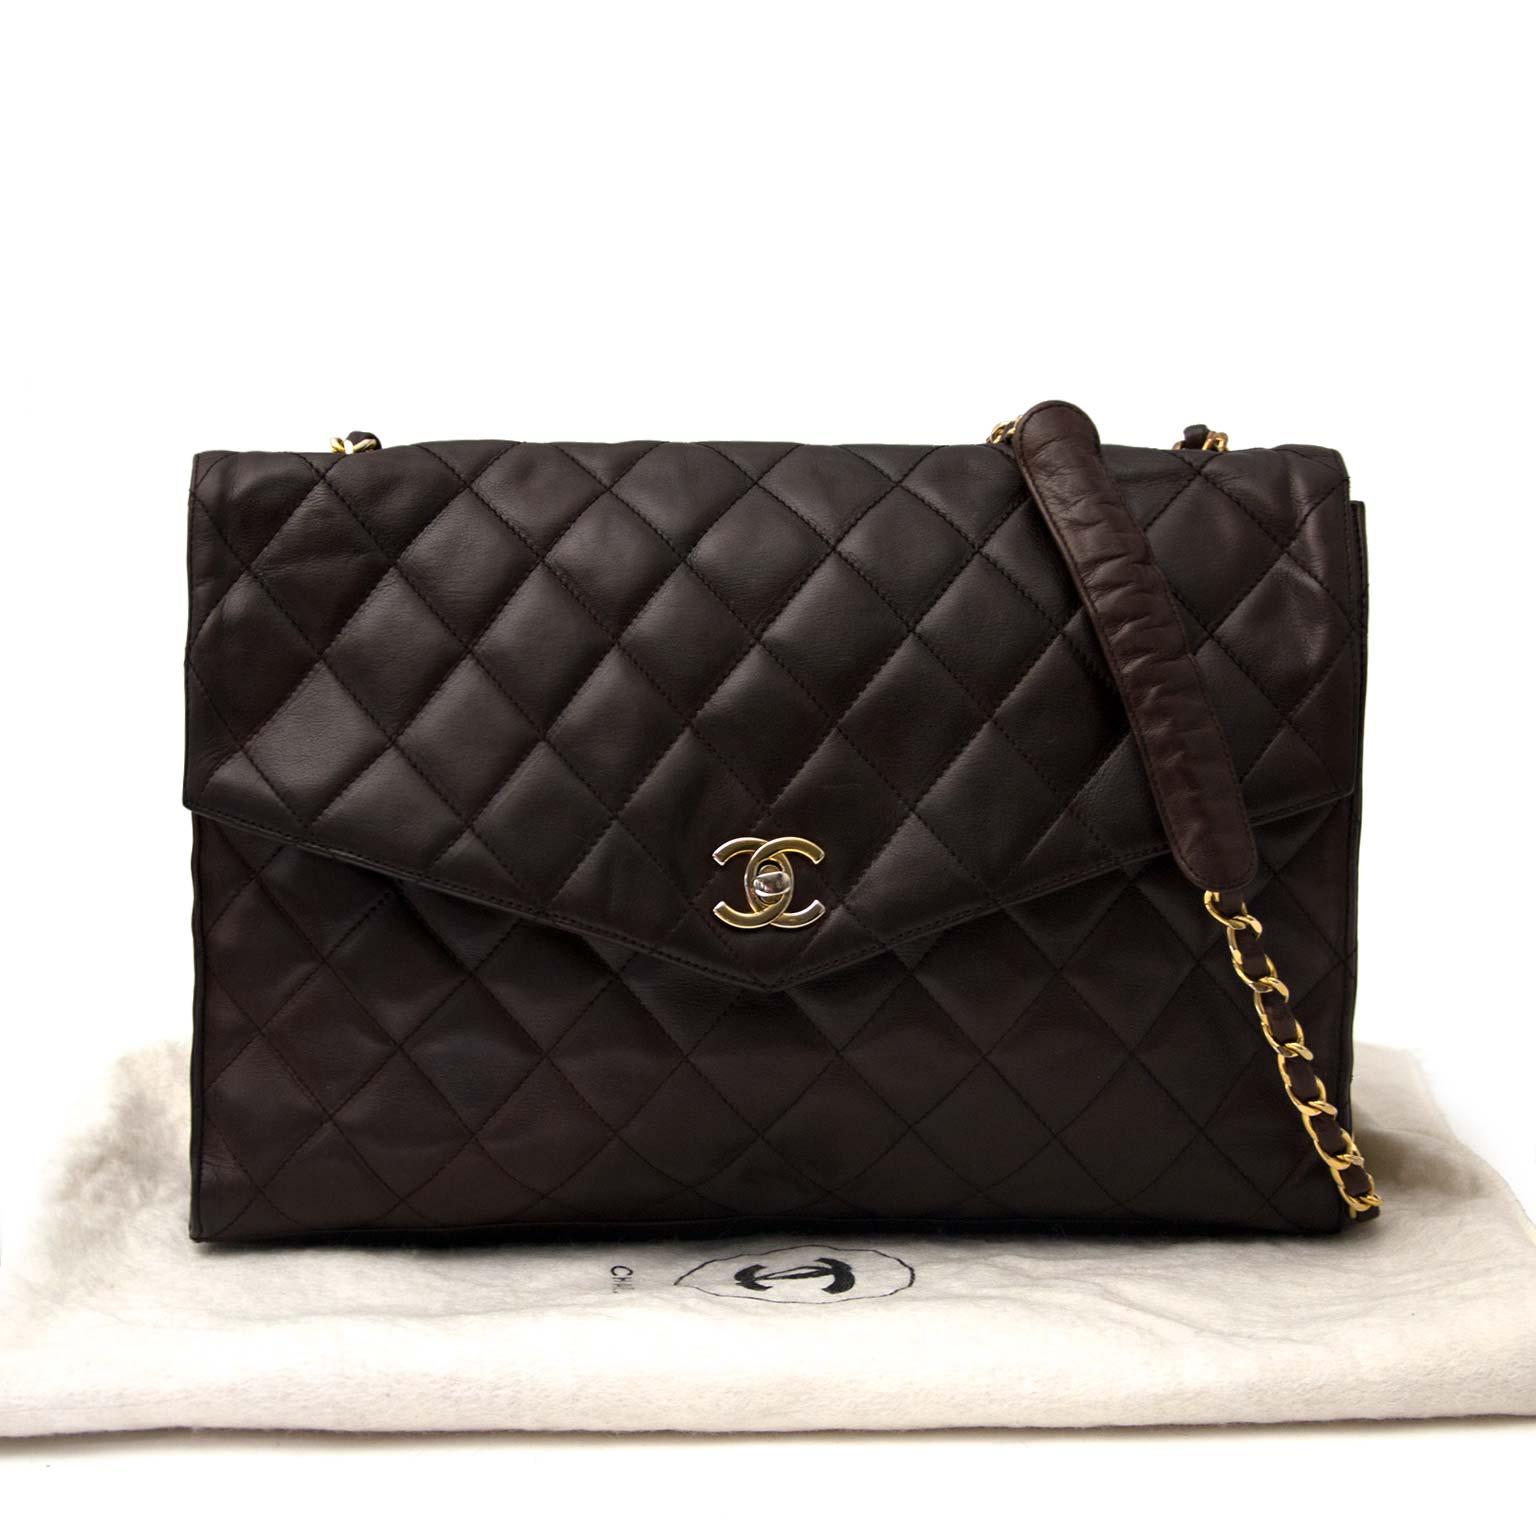 acheter en ligne pour le meilleur prix Chanel Vintage Brown Lambskin Shoulder Bag